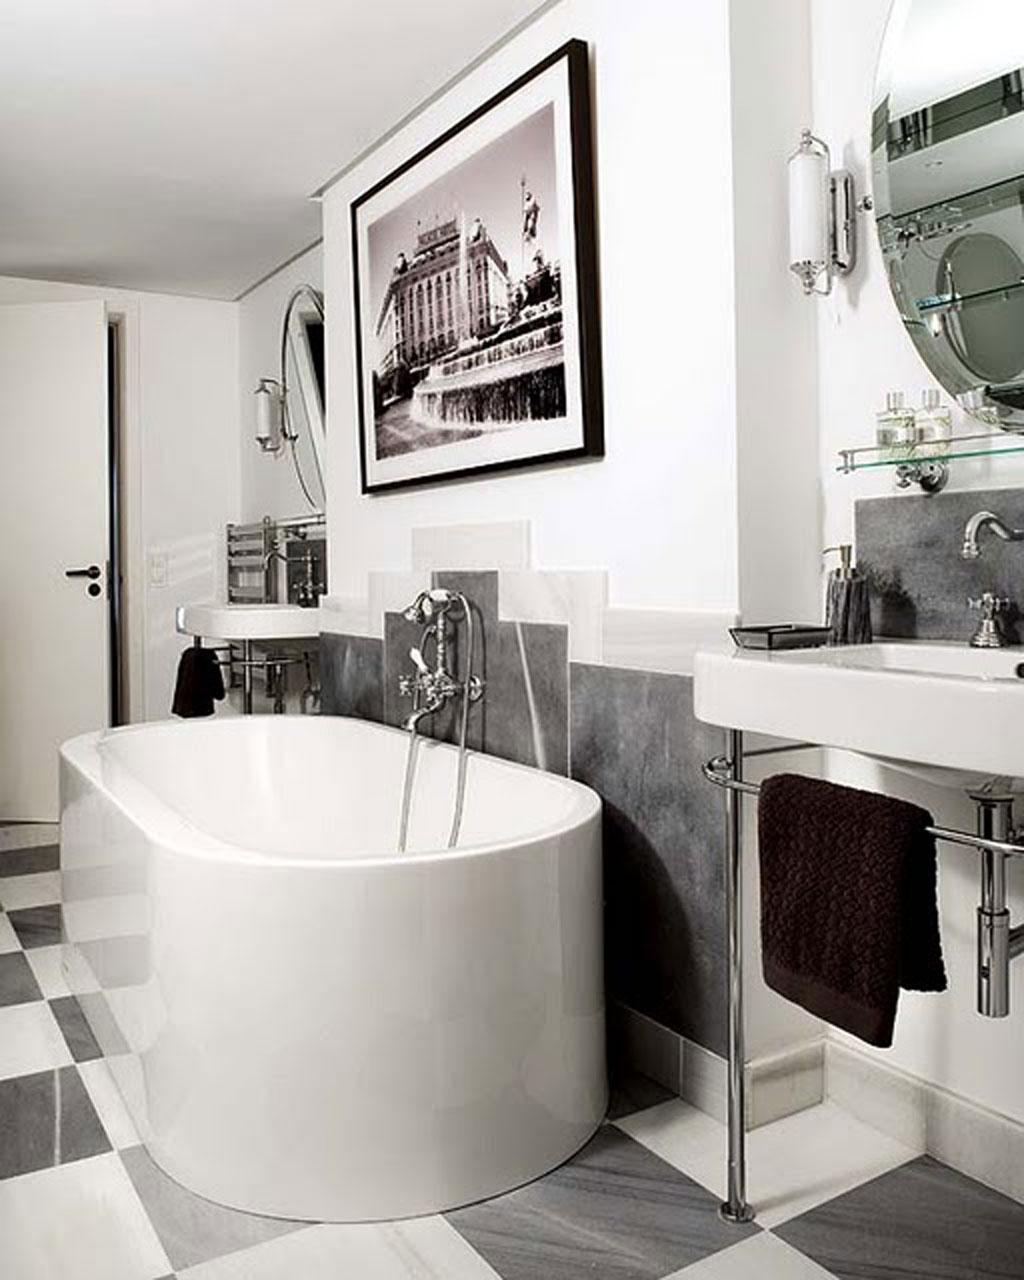 30 Great Pictures And Ideas Art Nouveau Bathroom Tiles 2019